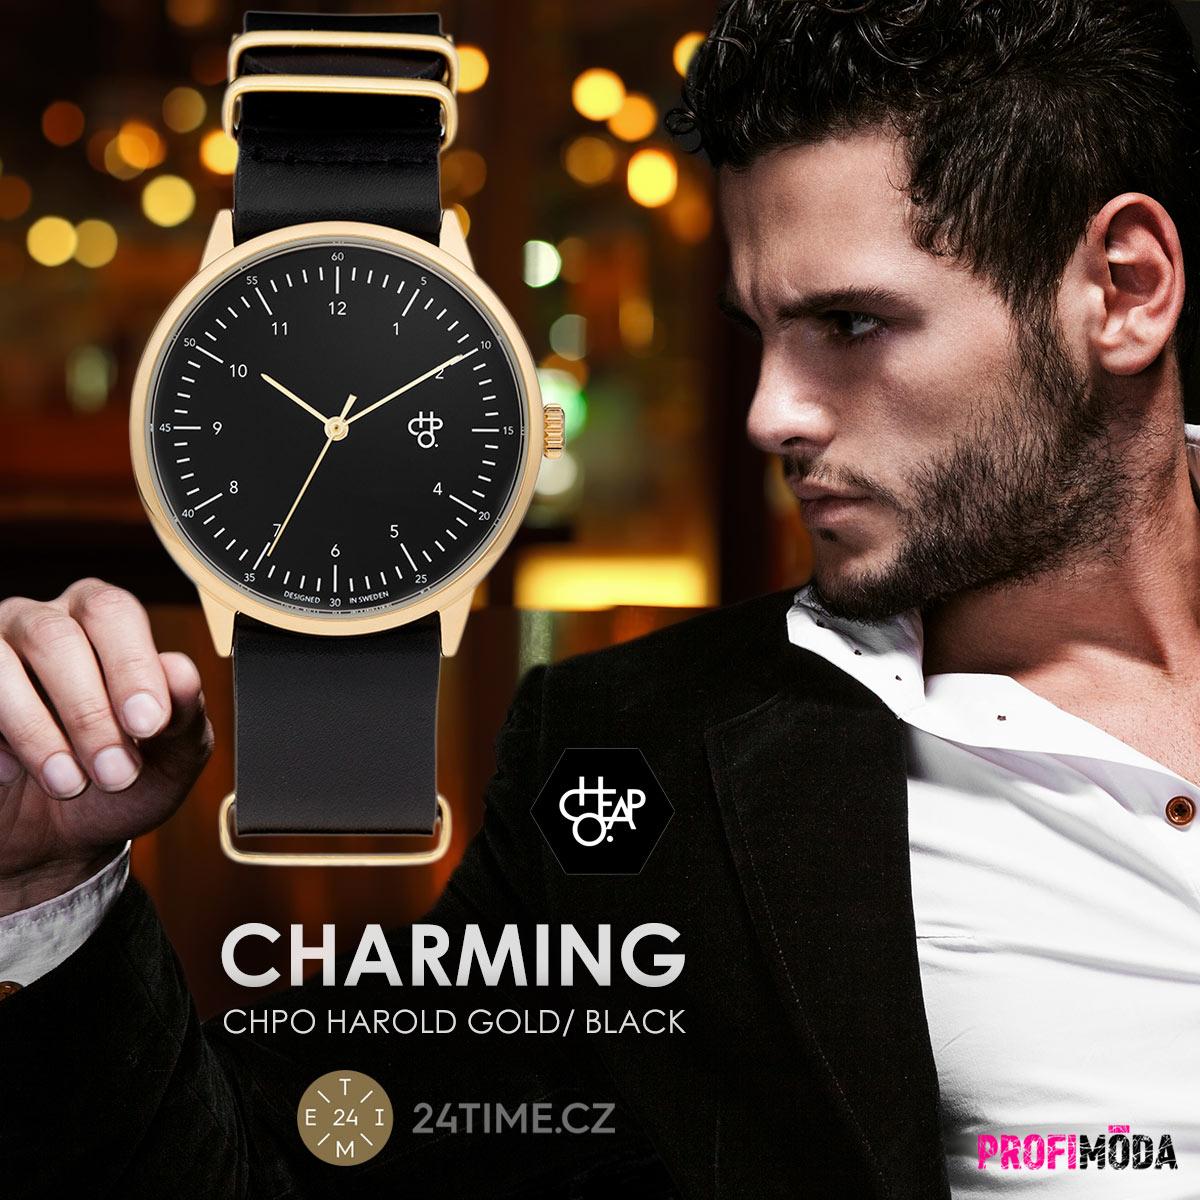 Šarmantní design – to rozhodně není vše, co švédská značka hodinek CHPO nabízí. Dává nám možnost dát najevo svůj životní postoj.